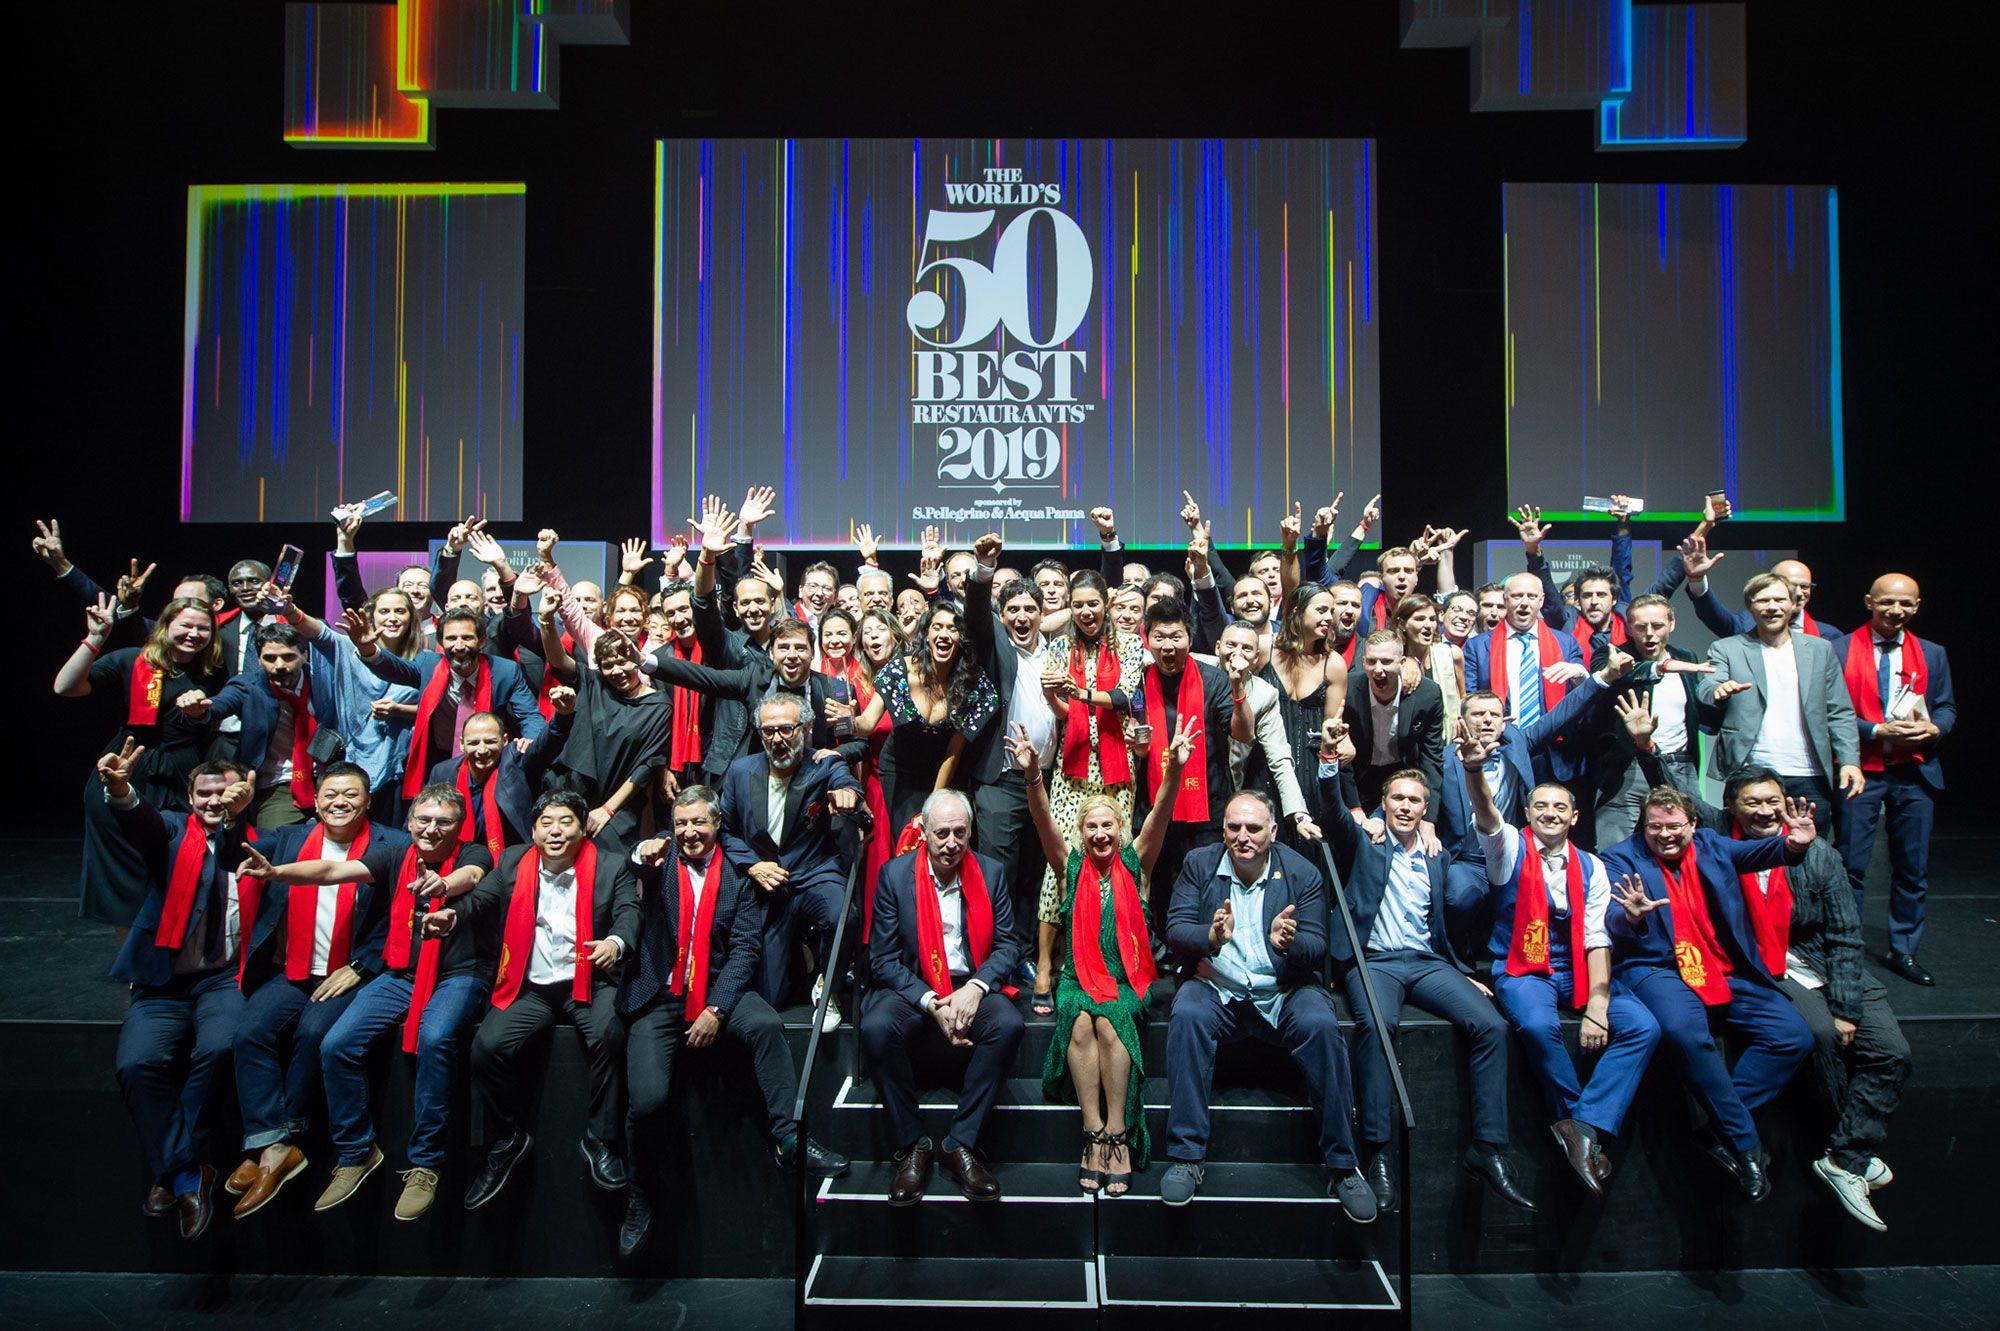 2019年「世界最佳50餐廳」的獲獎者齊集合影。